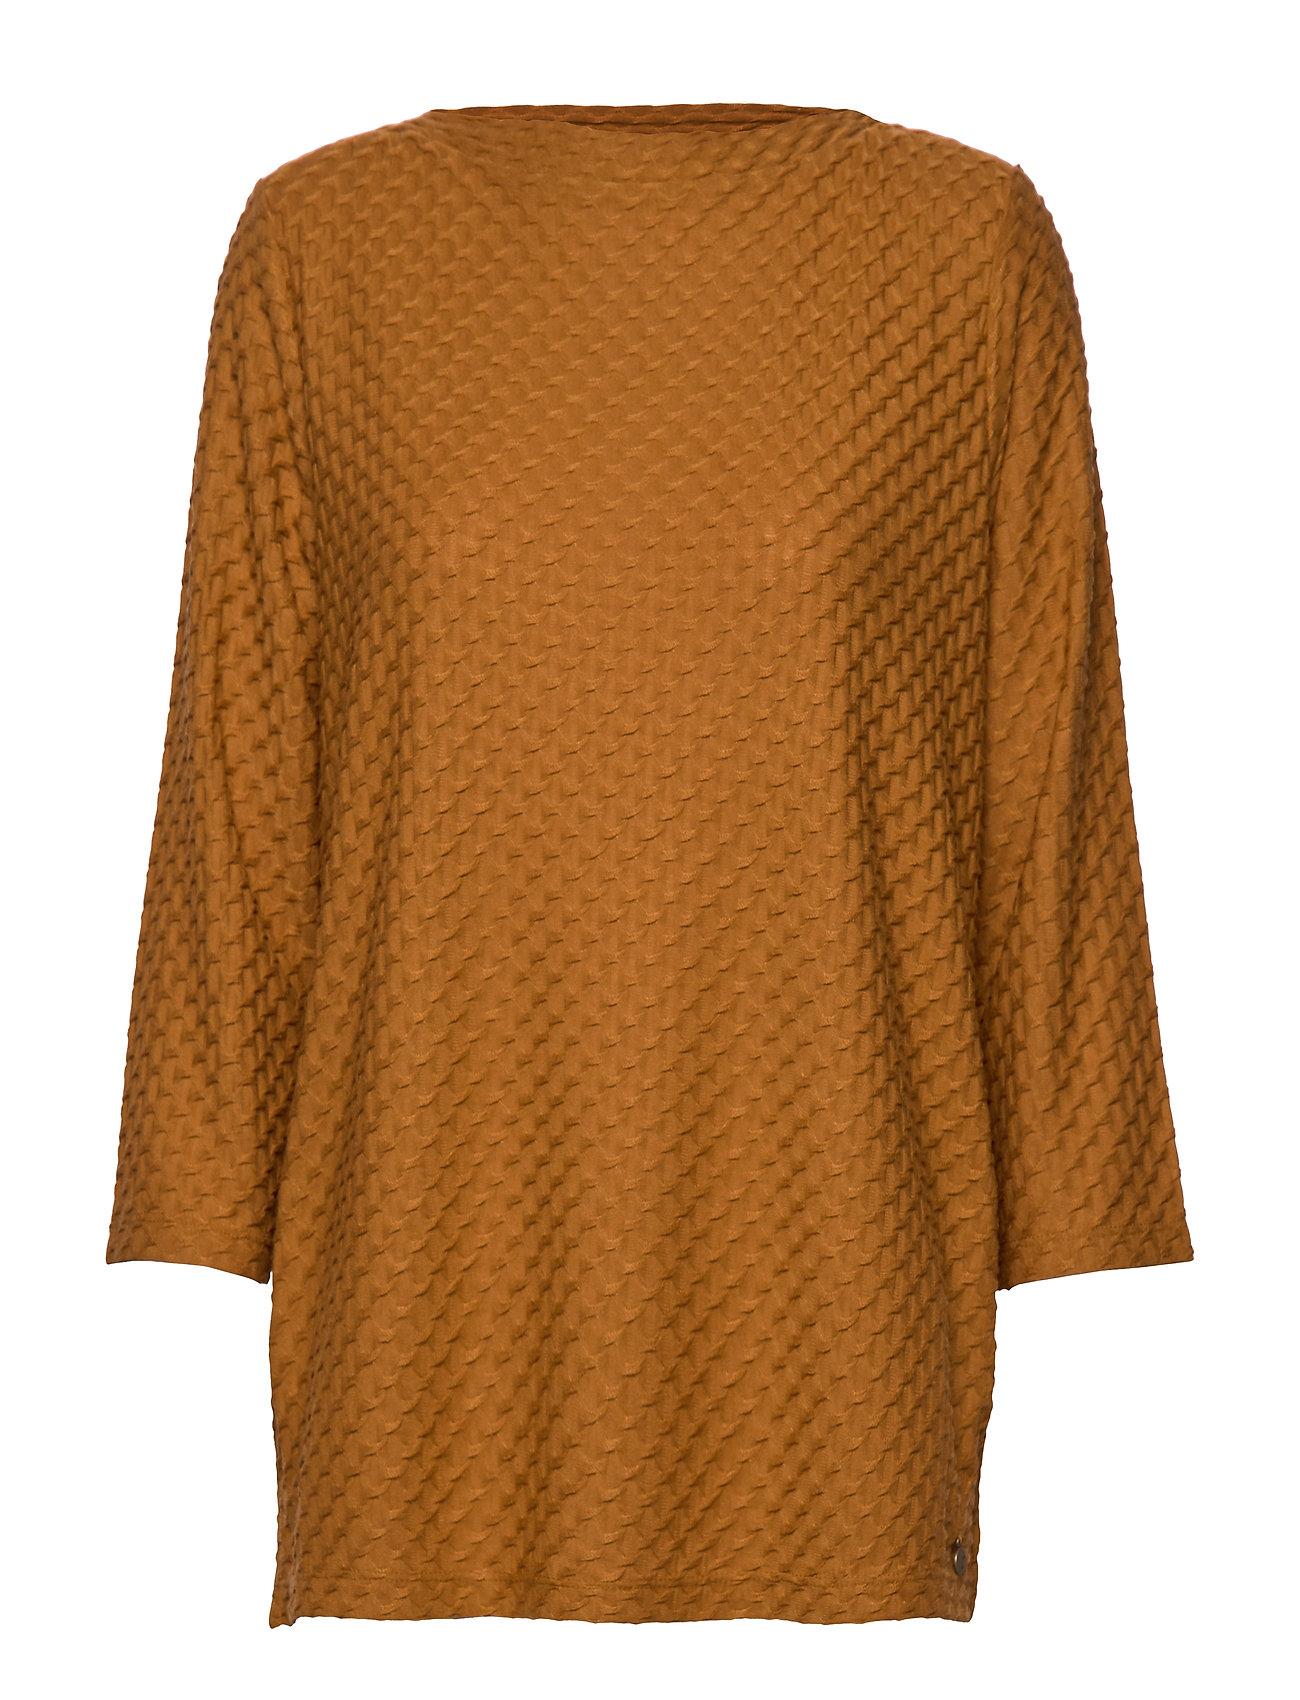 Fransa FRFIBANG 1 T-shirt - CATHAY SPICE